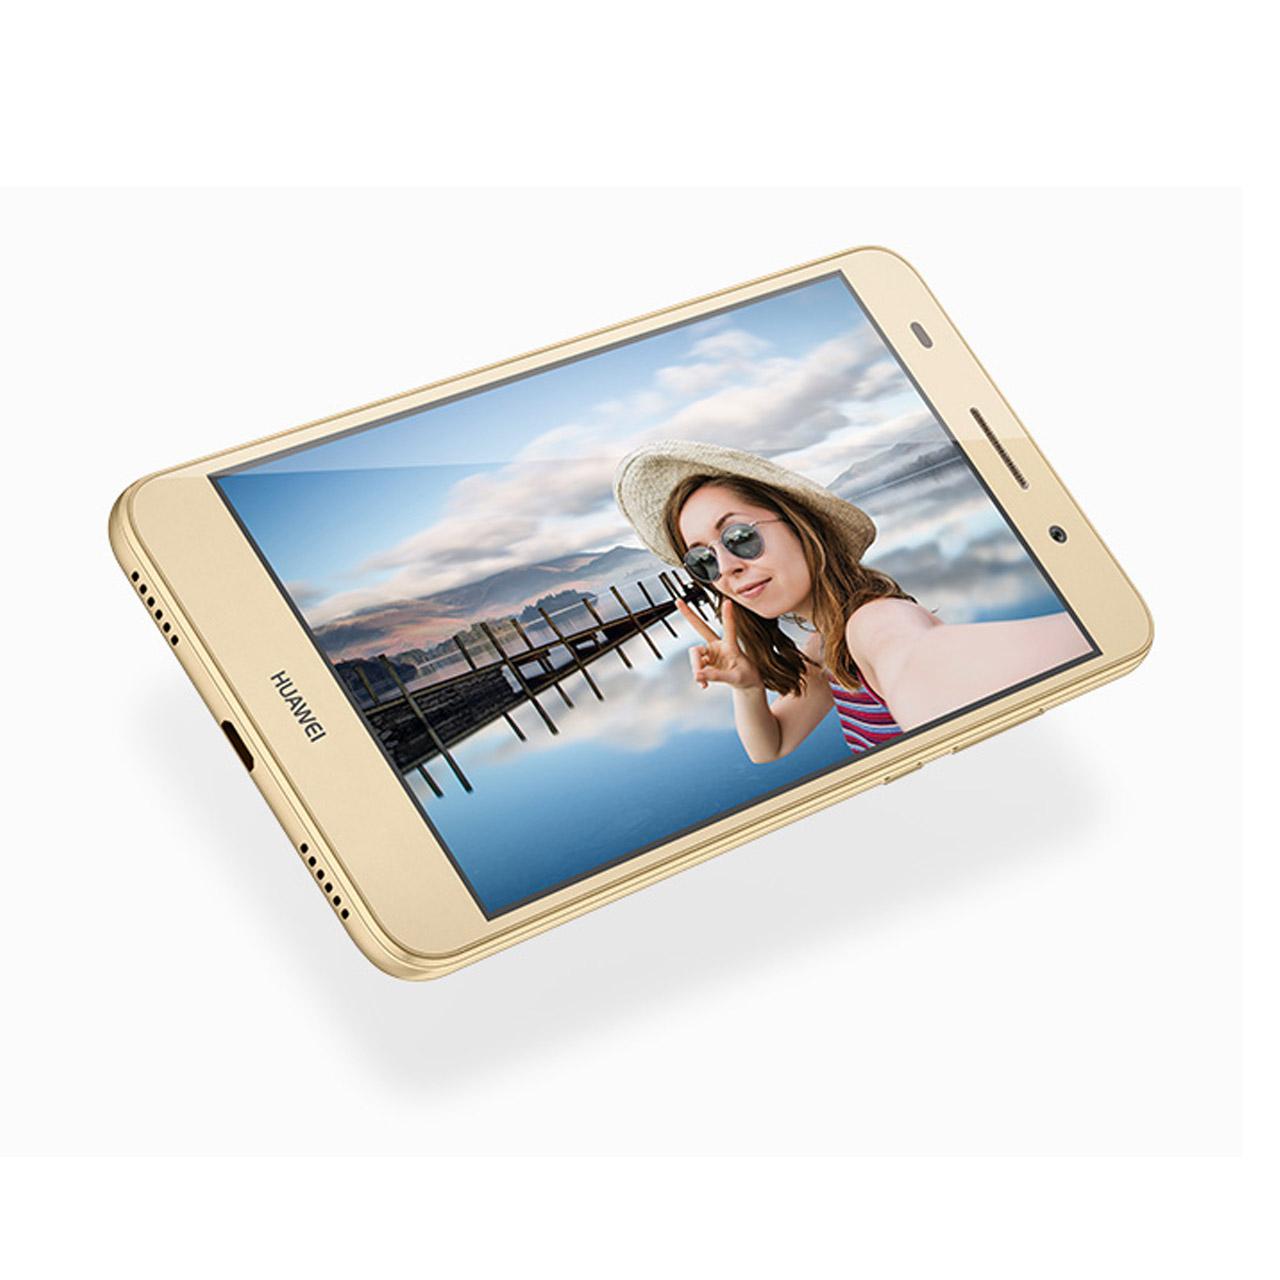 Mobile-Huawei-Y6-2-Dual-Sim_2